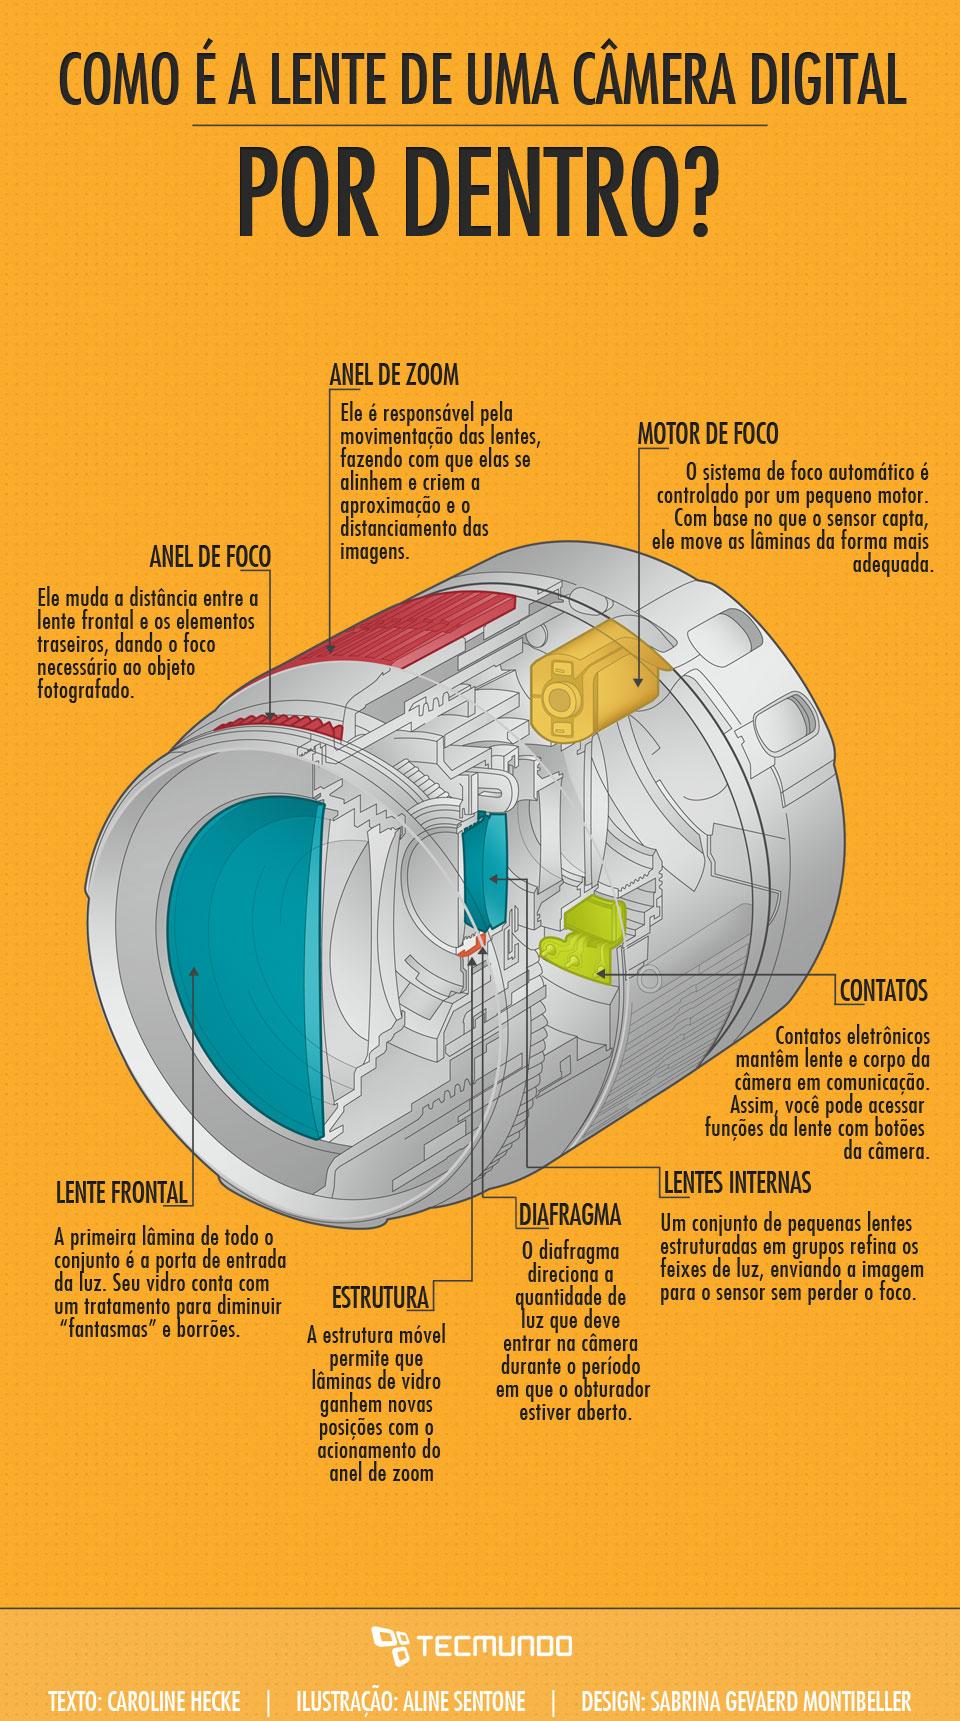 Como é a lente de uma câmera digital por dentro [ilustração]